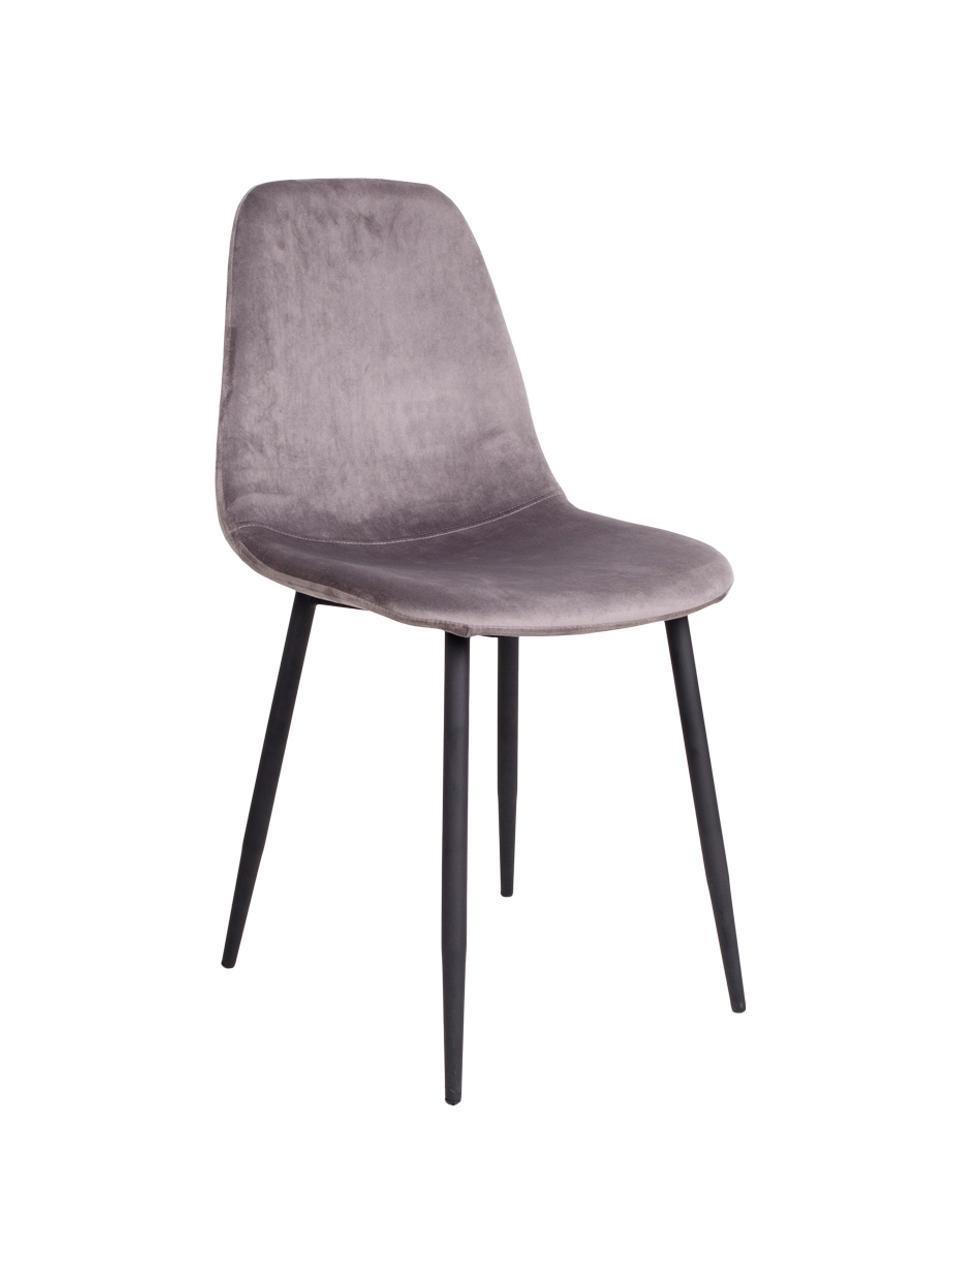 Sedia imbottita in velluto Stockholm, Rivestimento: velluto 25.000 cicli di s, Piedini: metallo verniciato, Grigio, Larg. 50 x Alt. 47 cm